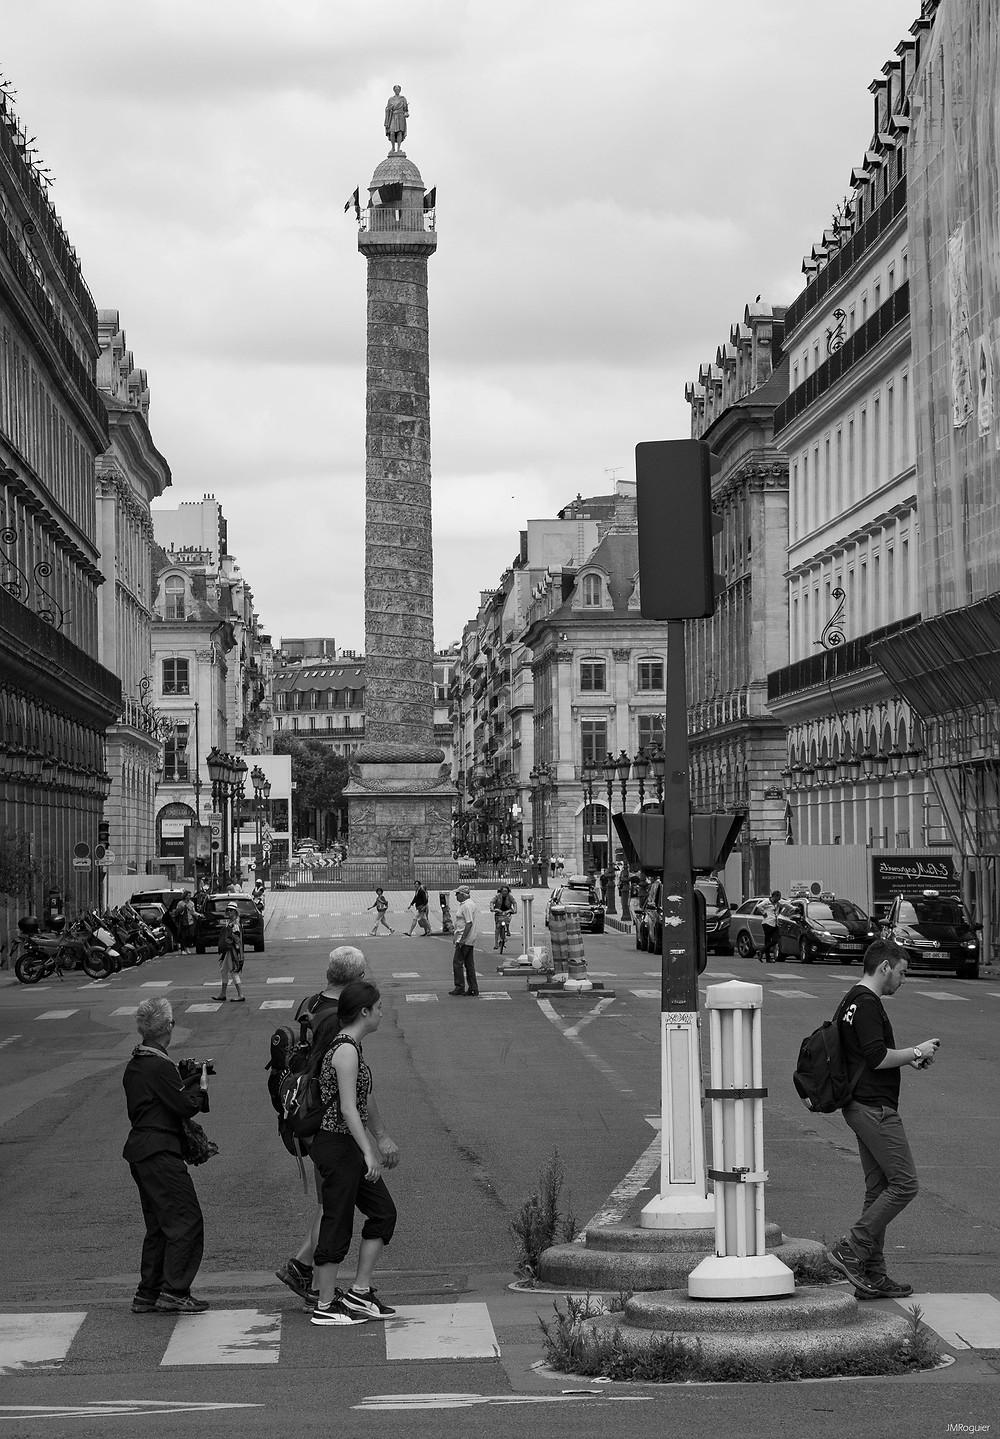 en passant rue de rivoli soudain comme un revival des Beatles - roguierphotos